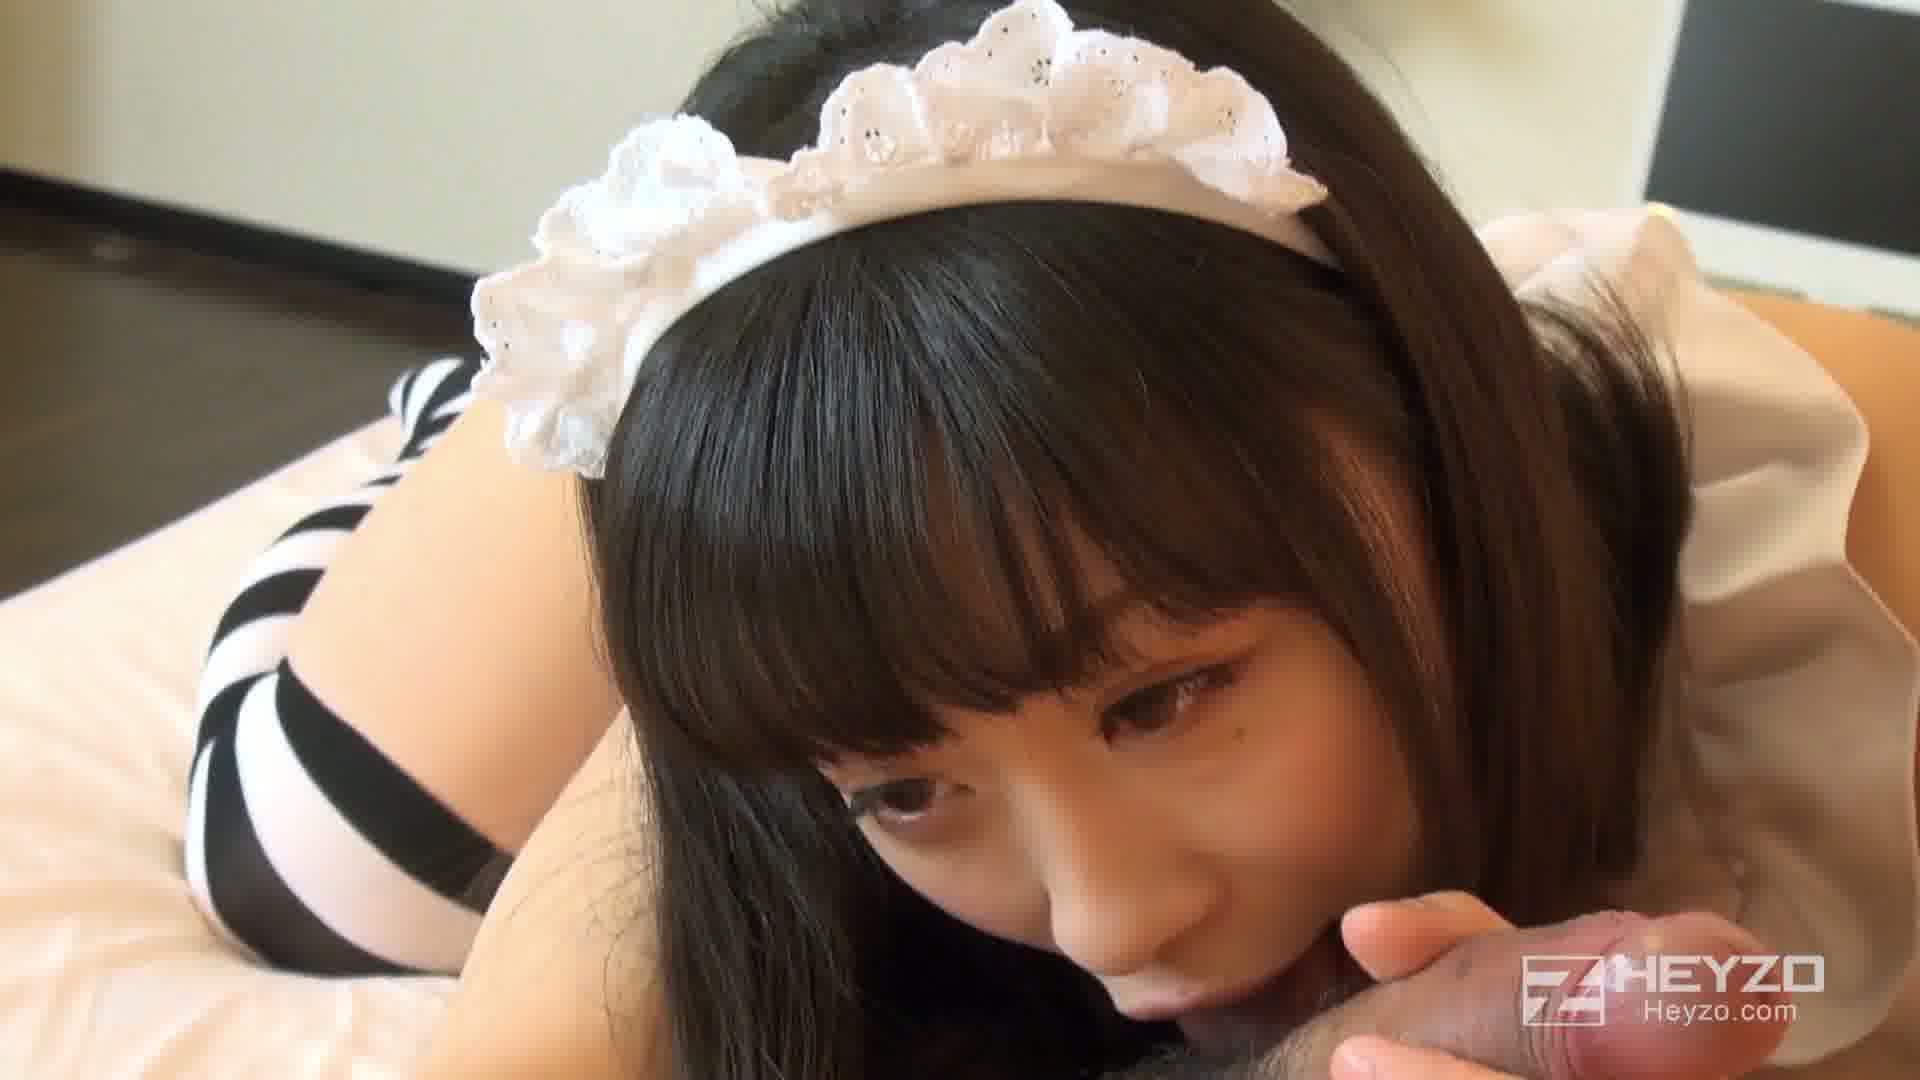 童顔メイドの秘密のご奉仕 - 京野結衣【フェラ 指まん 騎乗位】